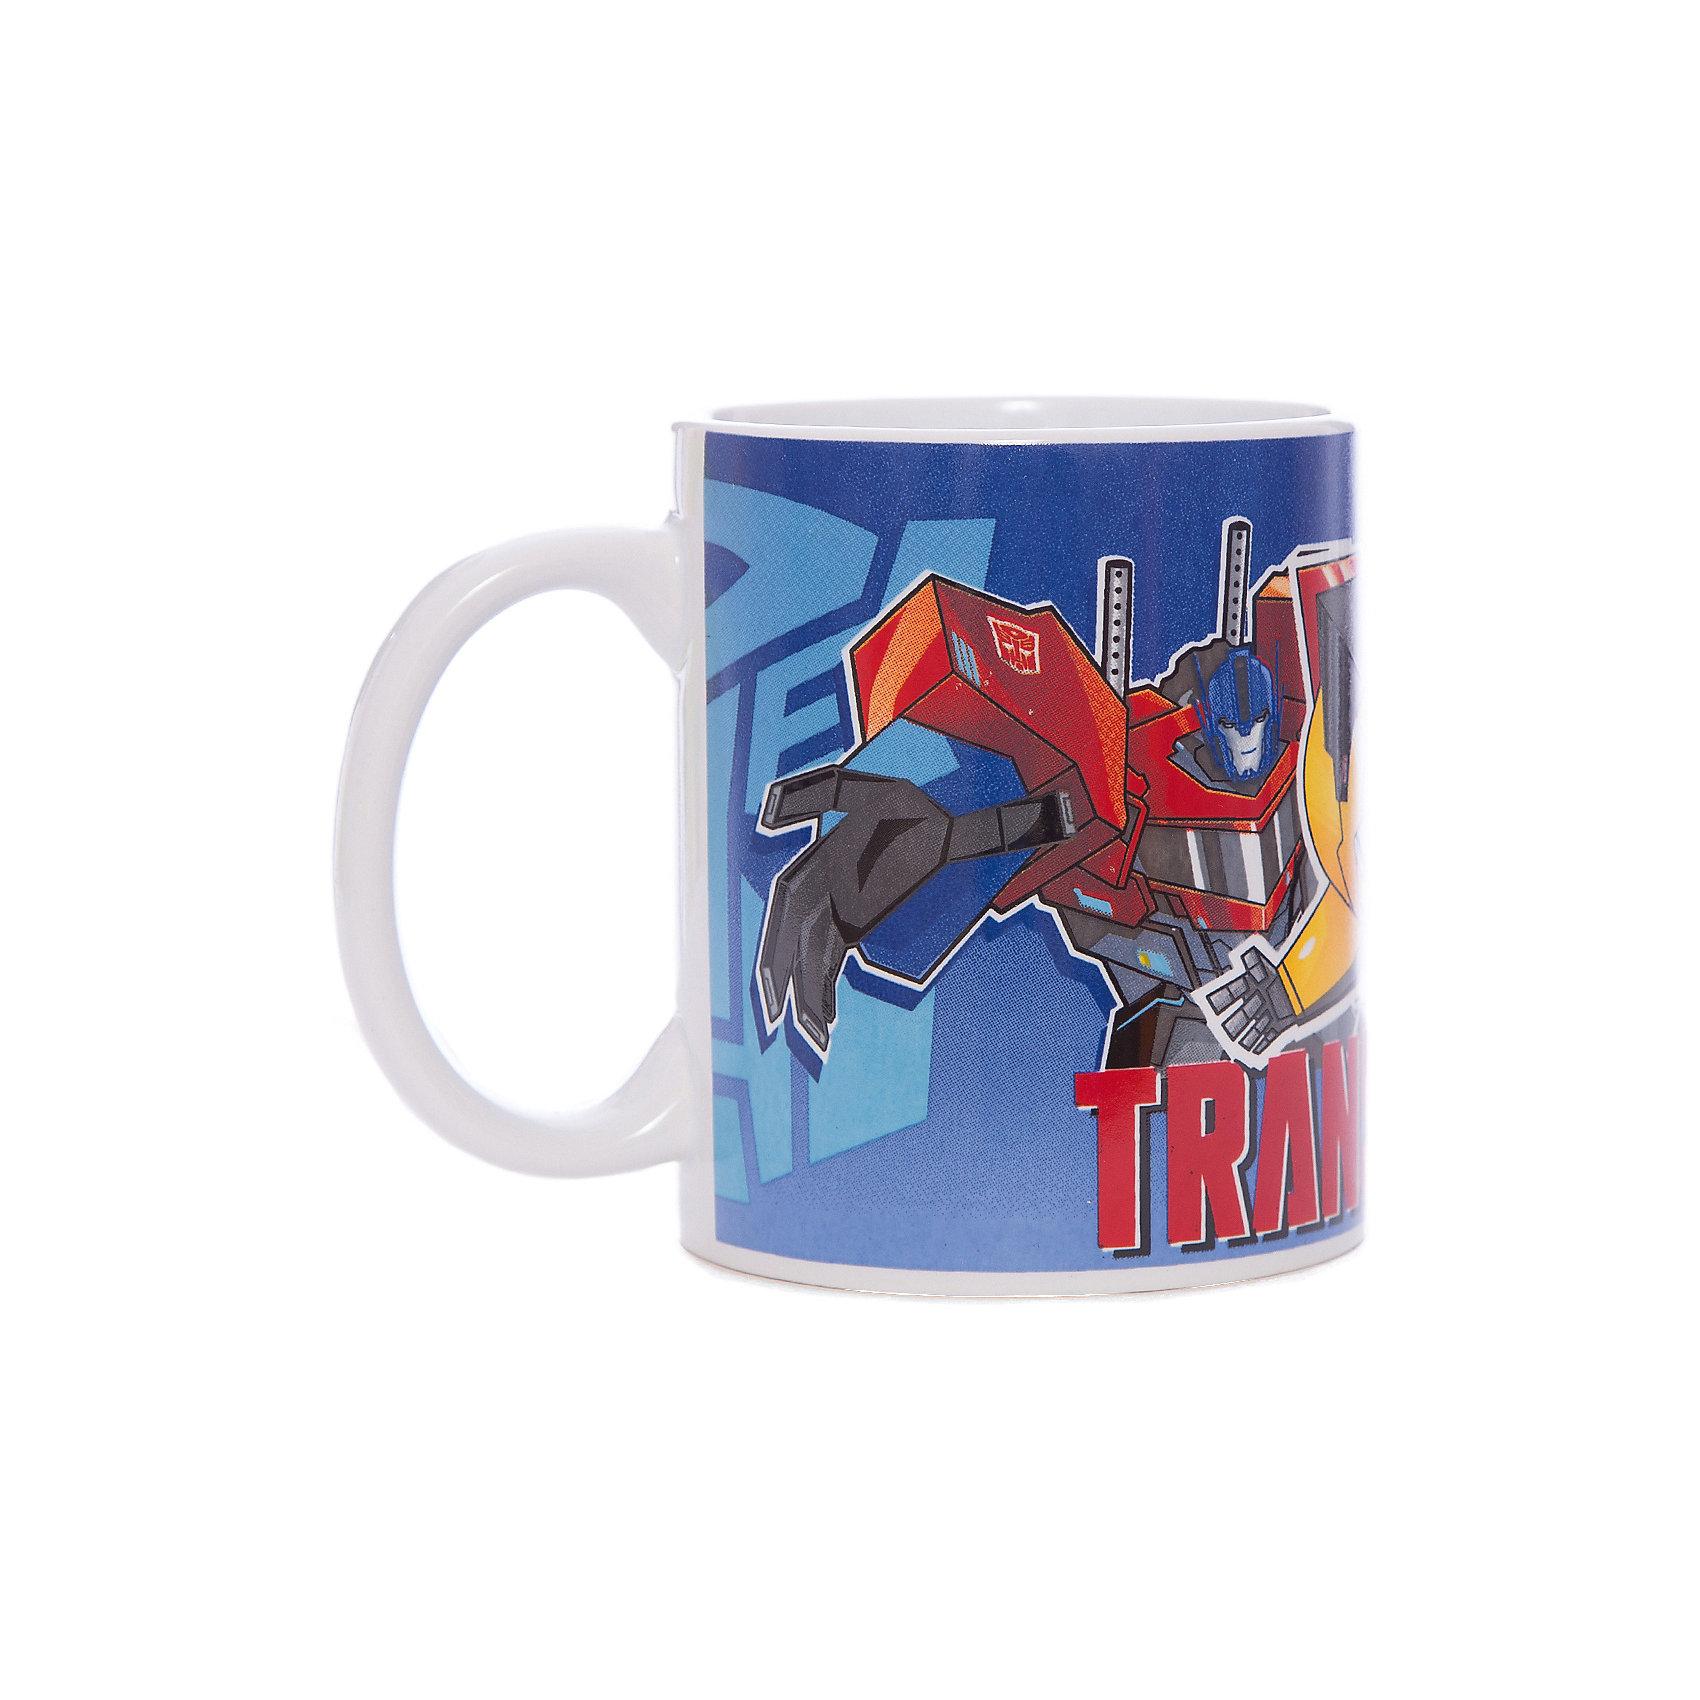 Кружка Transformers Роботы под прикрытием, 350 мл,Посуда<br>Характеристики:<br><br>• Материал: керамика<br>• Тематика рисунка: Трансформеры<br>• Можно использовать для горячих и холодных напитков<br>• Объем: 350 мл<br>• Вес: 323 г<br>• Размеры (Д*Ш*В): 12*8,2*9,5 см<br>• Особенности ухода: можно мыть в посудомоечной машине<br><br>Кружка Transformers Роботы под прикрытием, 350 мл выполнена в стильном дизайне: на синий корпус нанесено изображение героев популярного мультсериала Трансформеры. Изображение детально отражает облик экранного прототипа, устойчиво к появлению царапин, не выцветает при частом мытье. <br><br>Кружку Transformers Роботы под прикрытием, 350 мл можно купить в нашем интернет-магазине.<br><br>Ширина мм: 120<br>Глубина мм: 82<br>Высота мм: 95<br>Вес г: 323<br>Возраст от месяцев: 36<br>Возраст до месяцев: 1188<br>Пол: Мужской<br>Возраст: Детский<br>SKU: 6849975